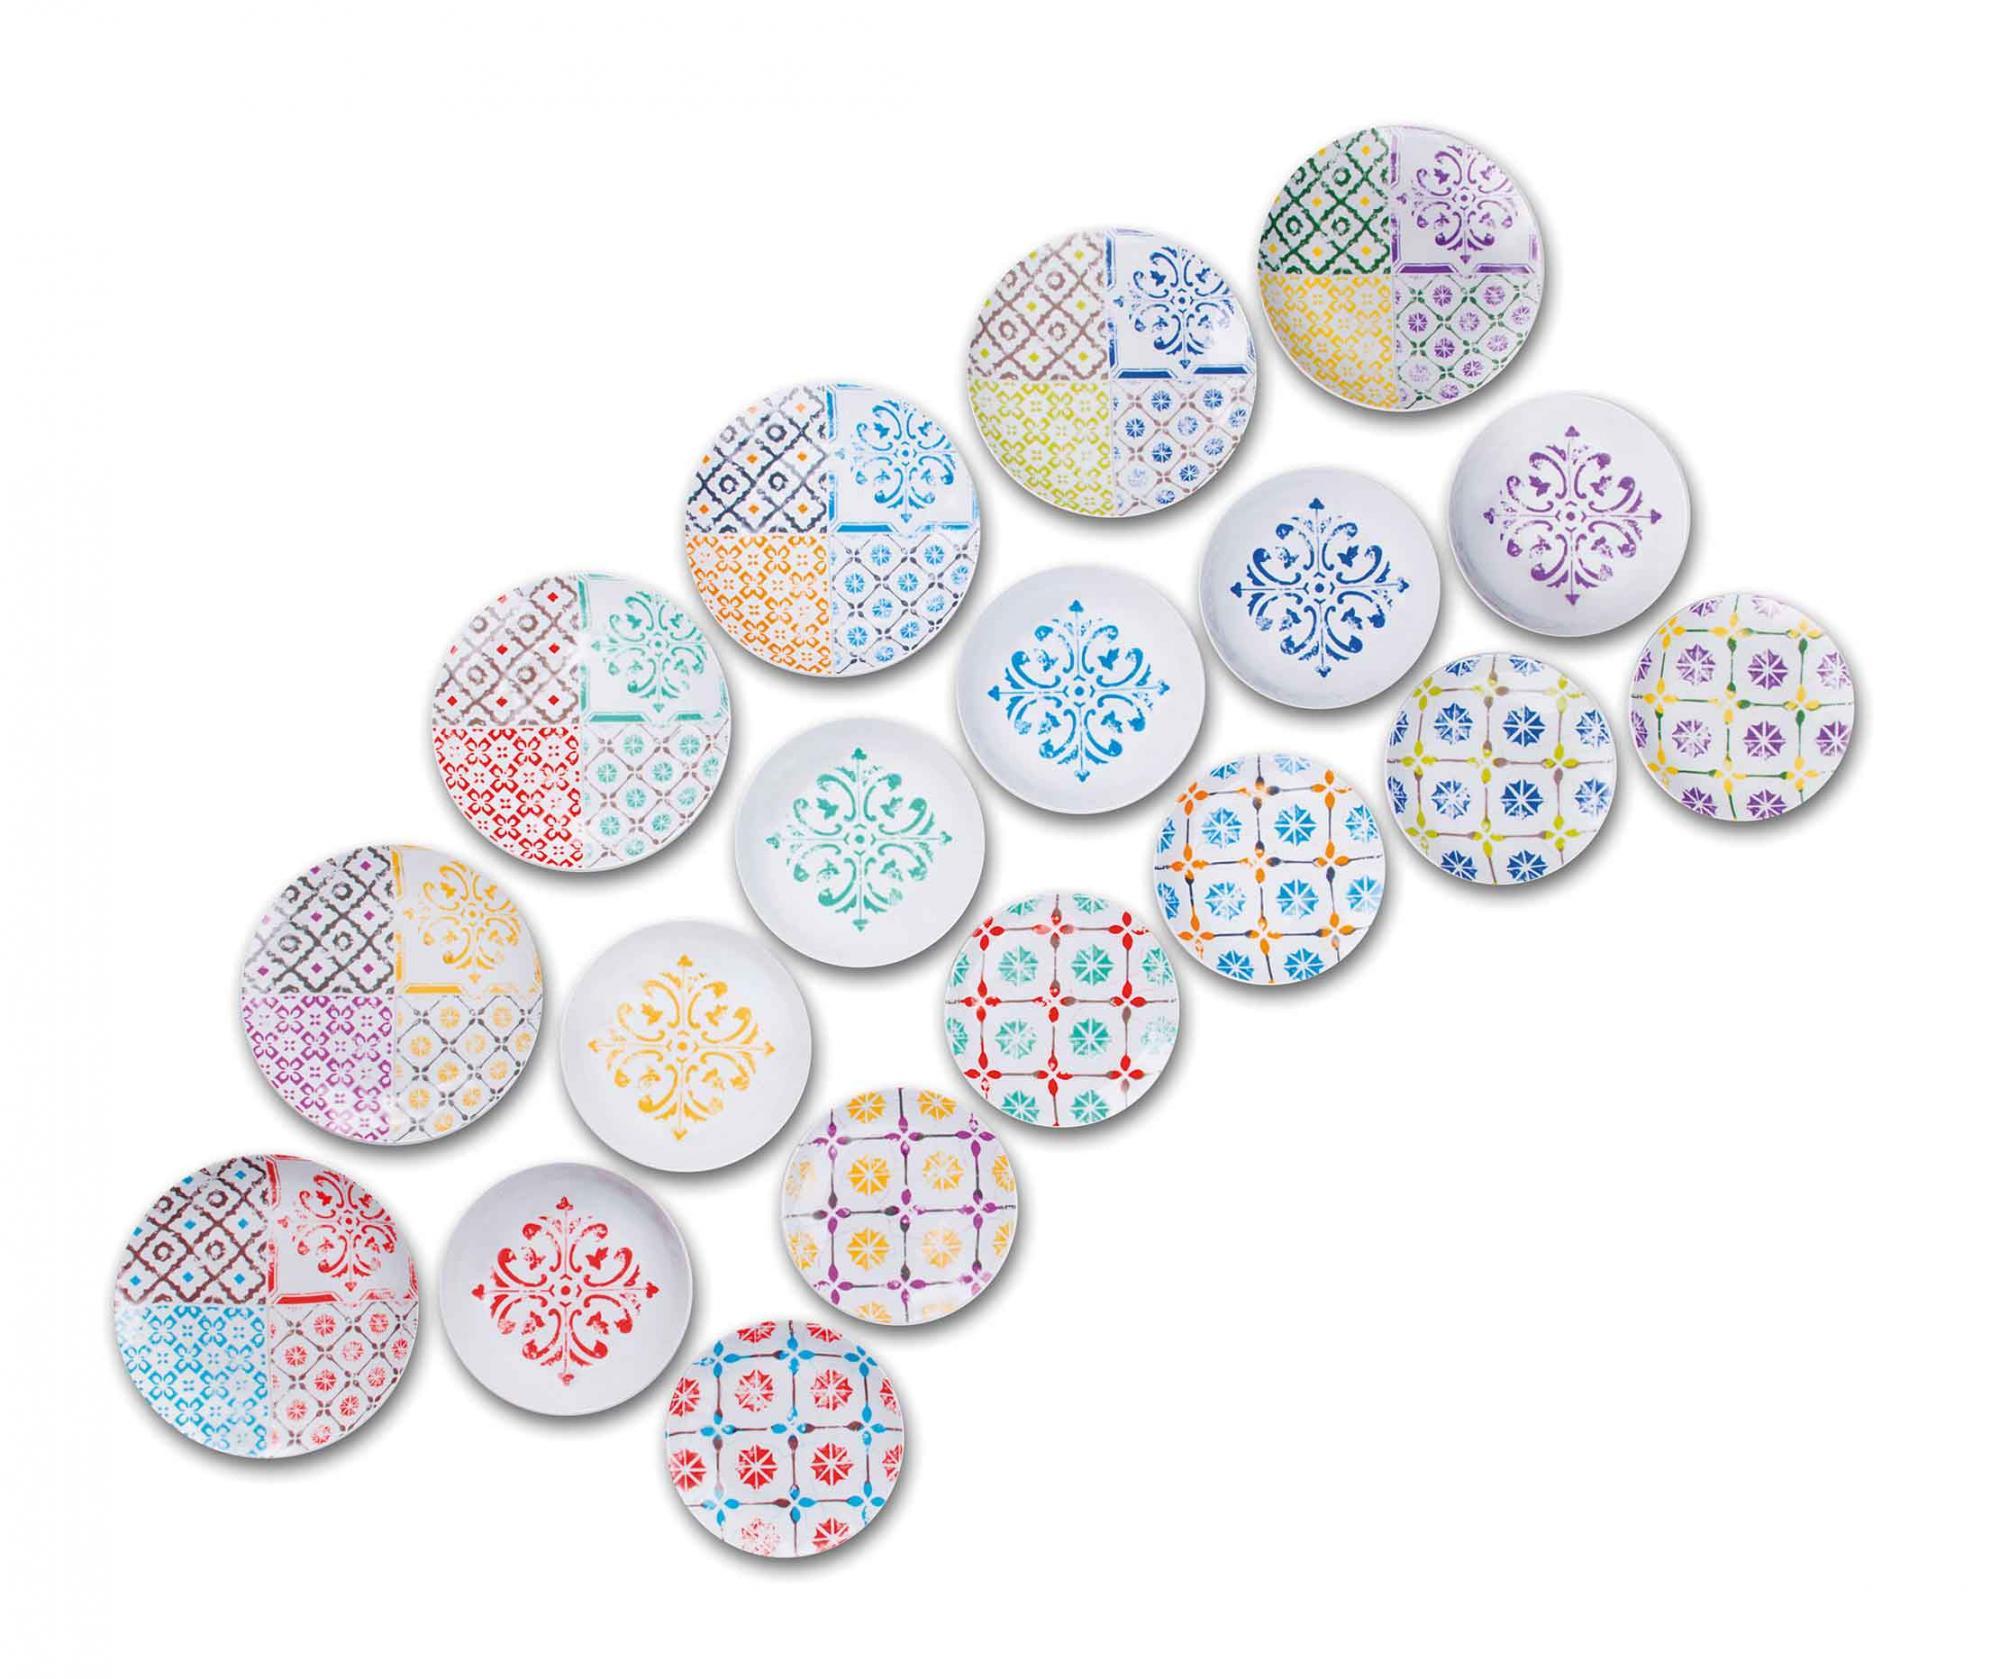 Set de masa 18 piese Maioliche - Excelsa, Multicolor imagine